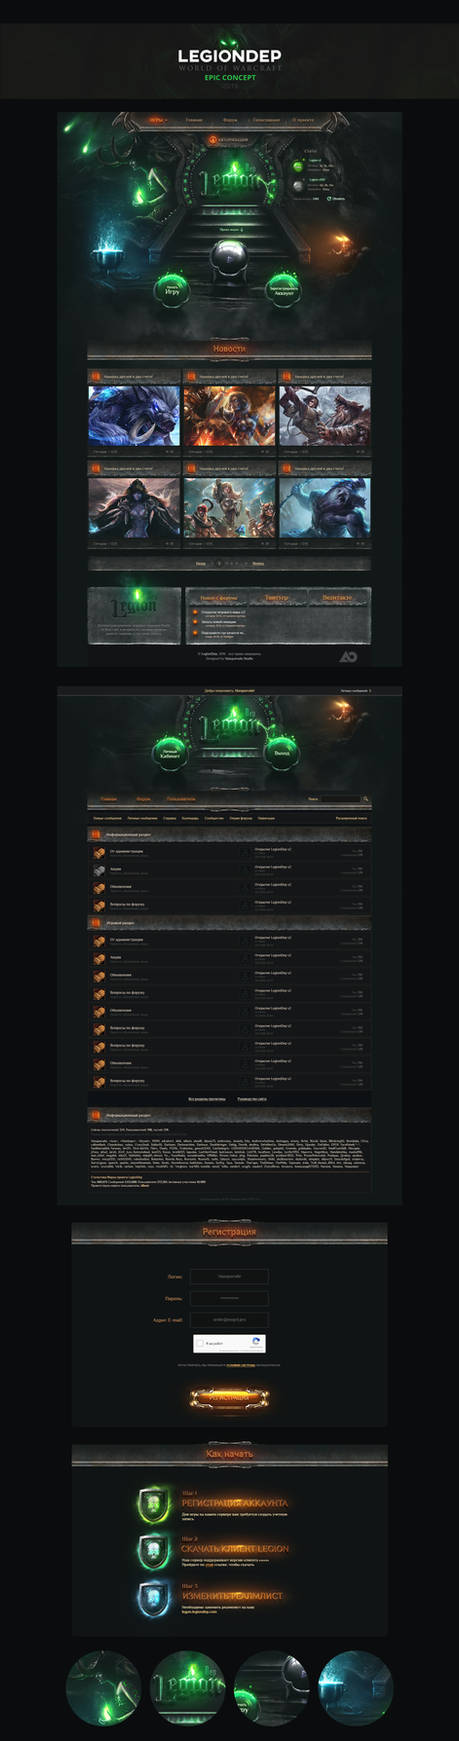 LegionDep - World of Warcraft